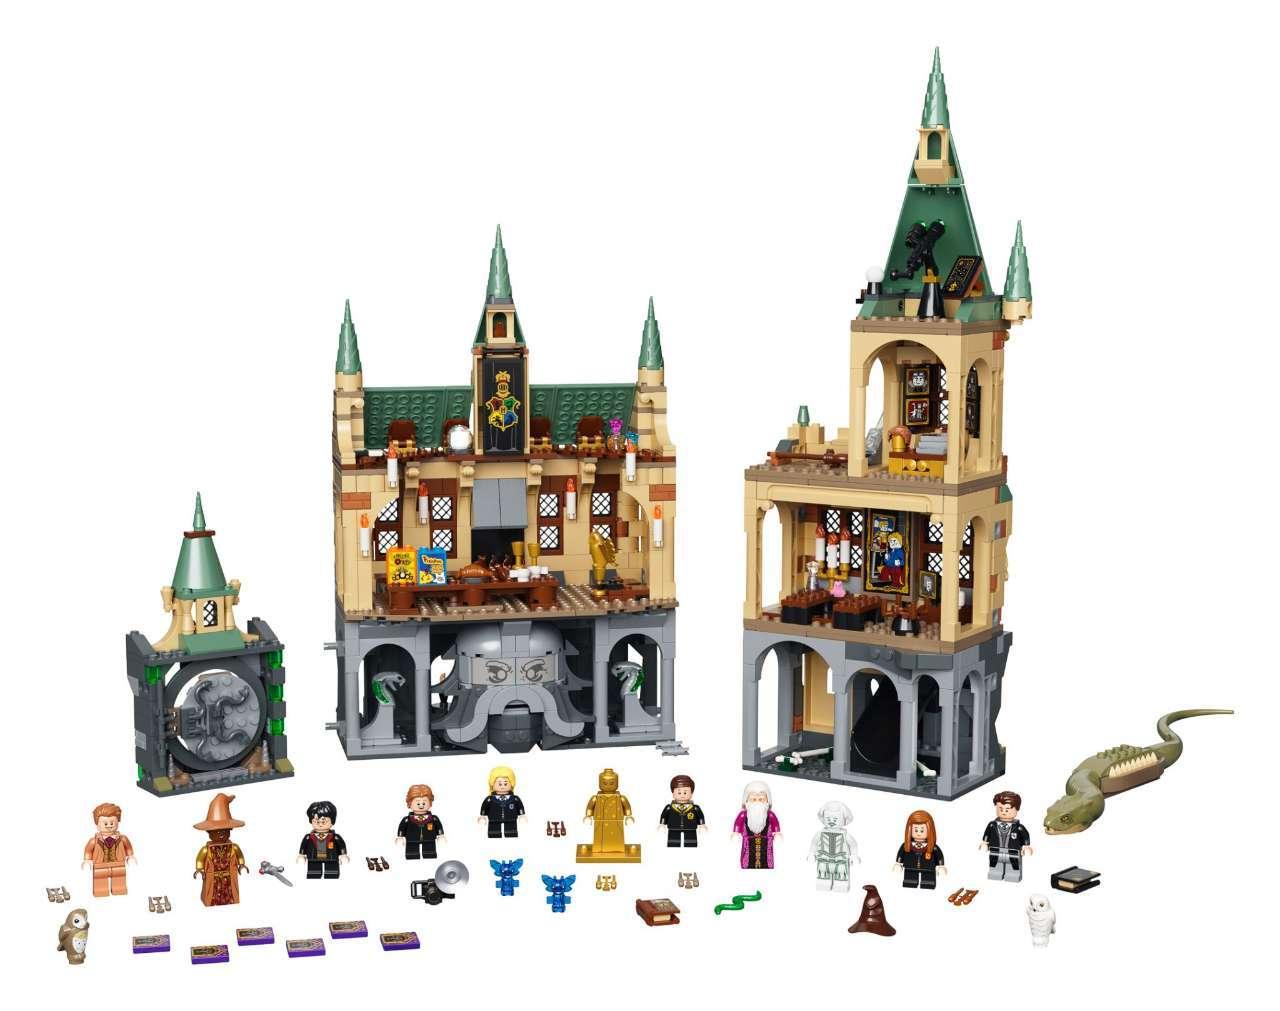 lego-chamber-of-secrets